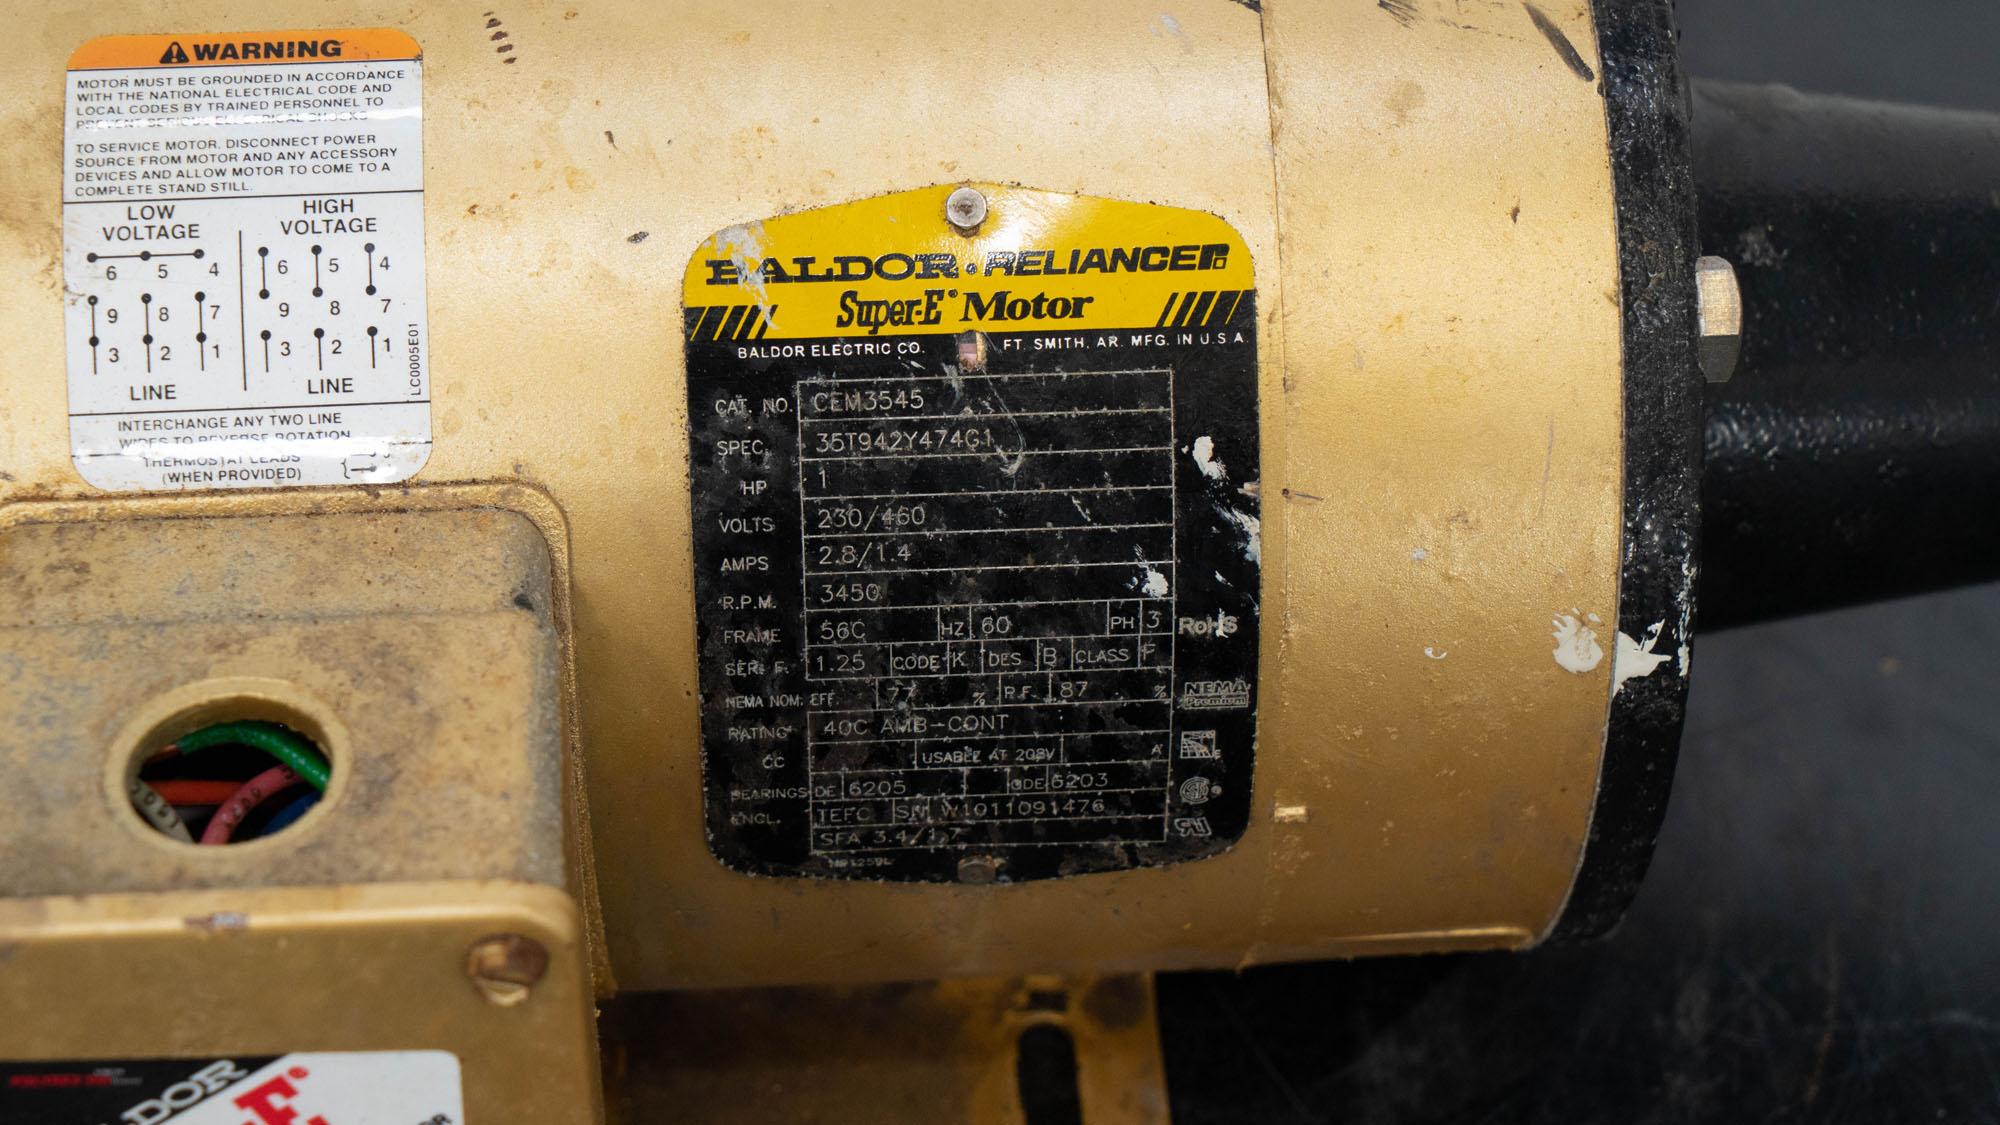 1 HP Baldor Motor